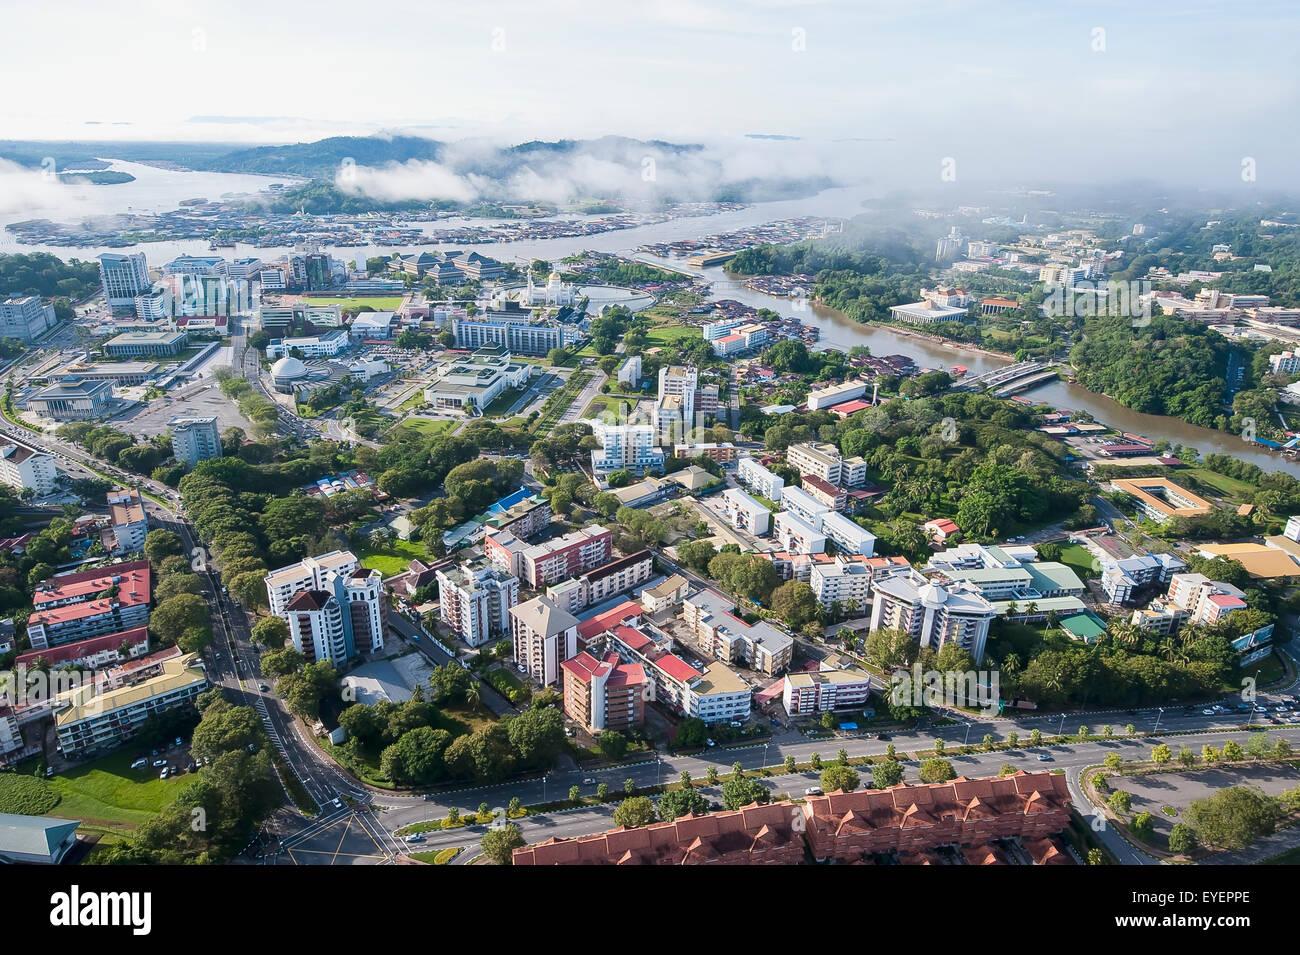 Aerial view of Bandar Seri Begawan, the capital of Brunei; Bandar Seri Begawan, Brunei - Stock Image